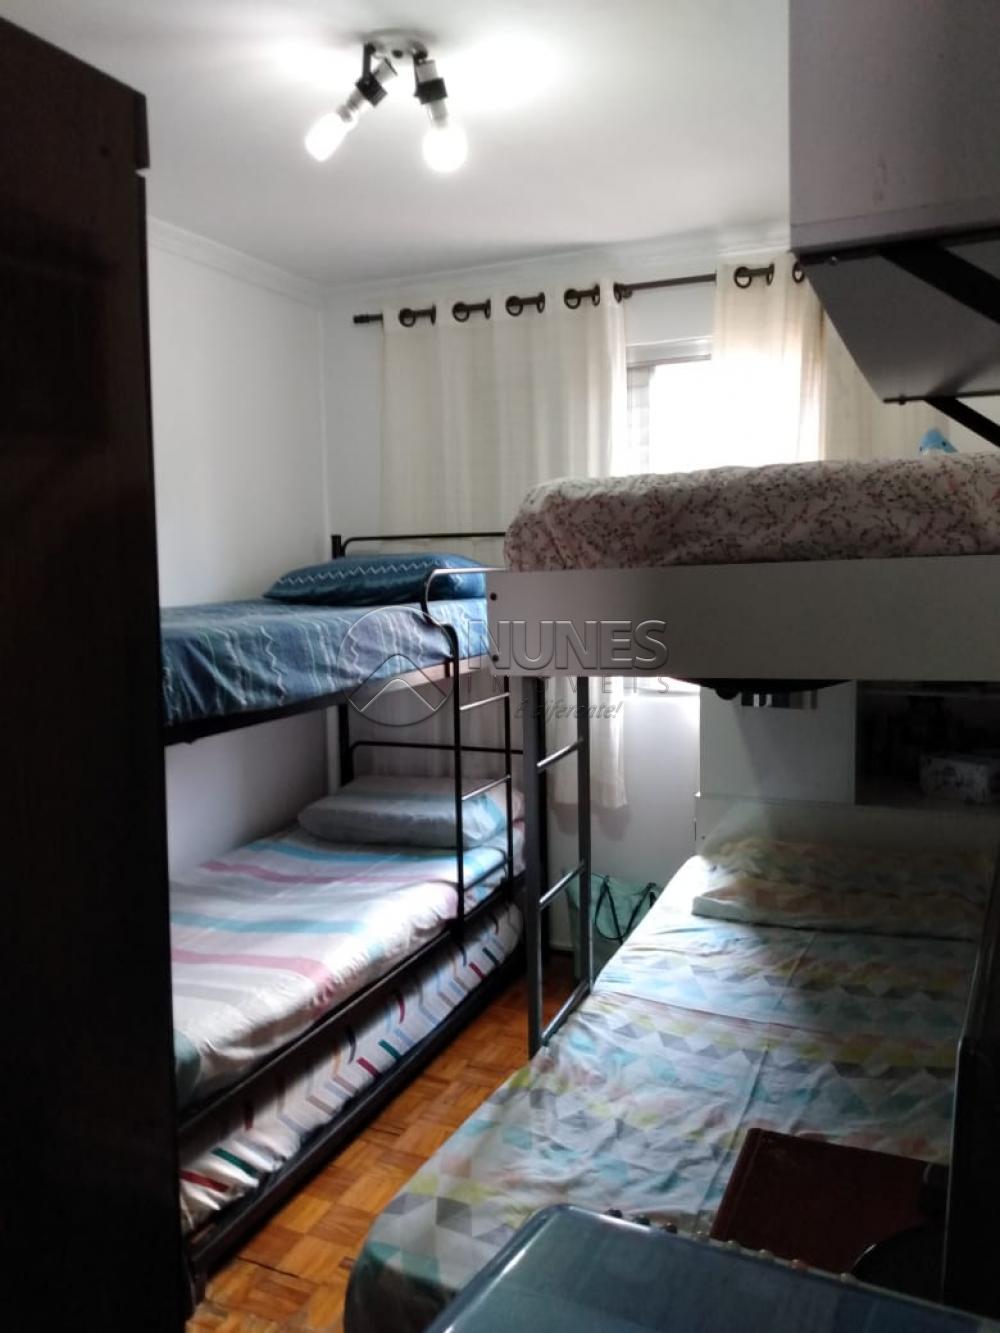 Comprar Apartamento / Padrão em Carapicuíba apenas R$ 140.000,00 - Foto 12